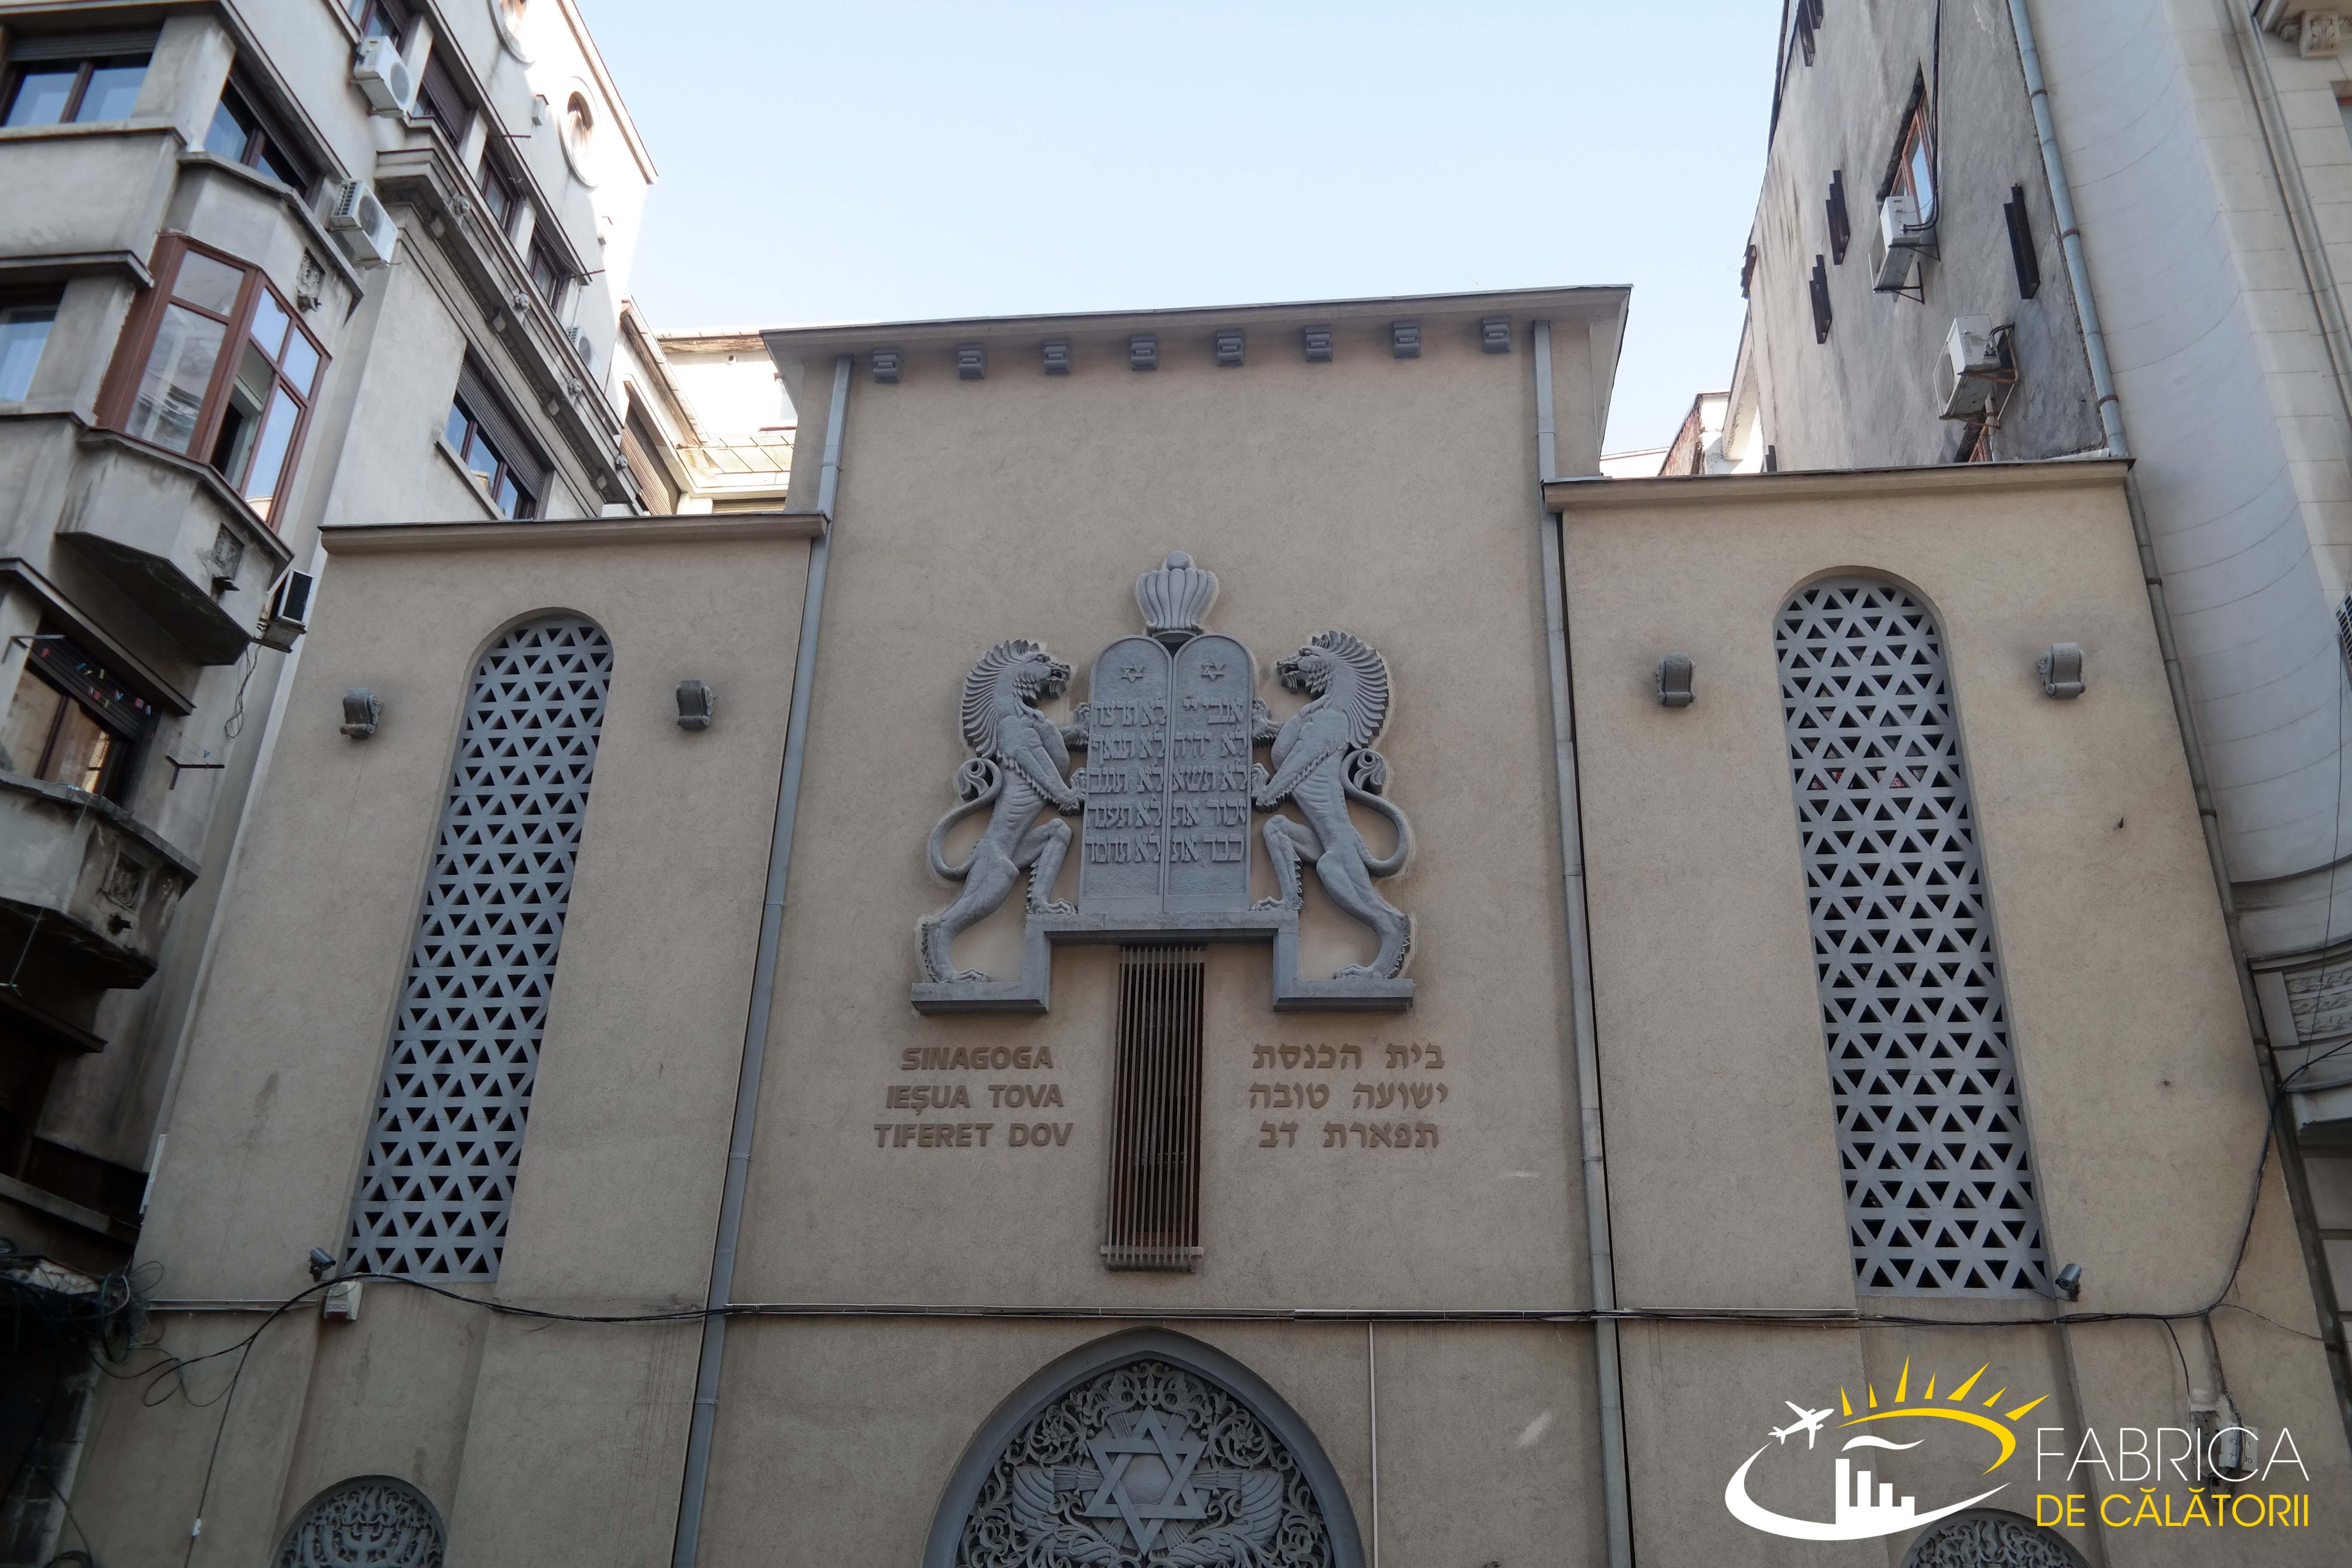 Sinagoga Yeshua Tova